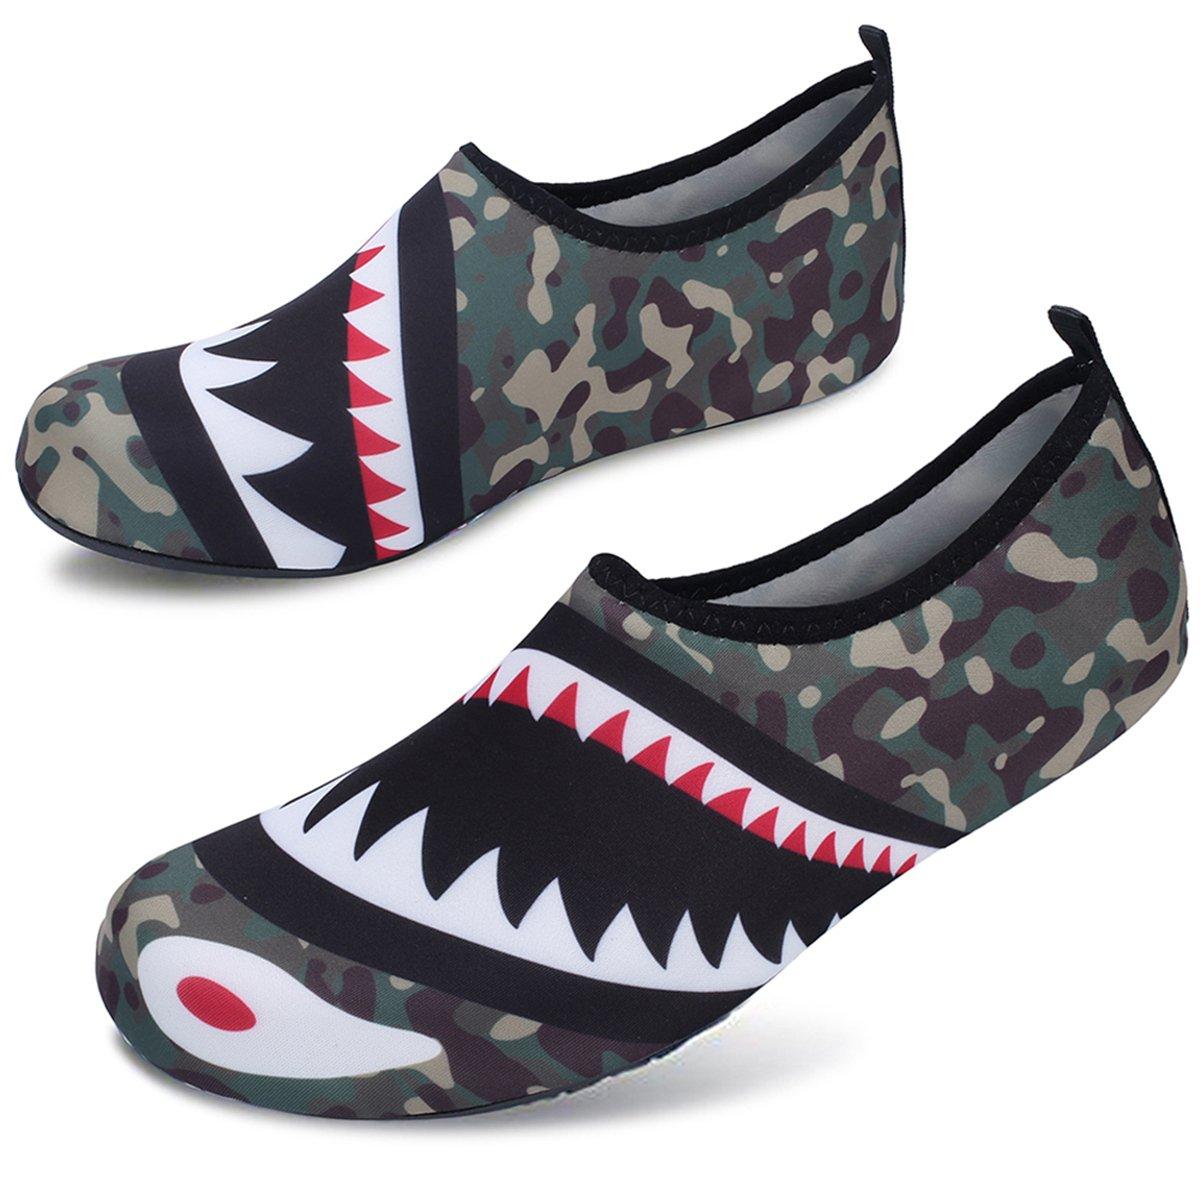 Quick Dry Barefoot Aqua Socks